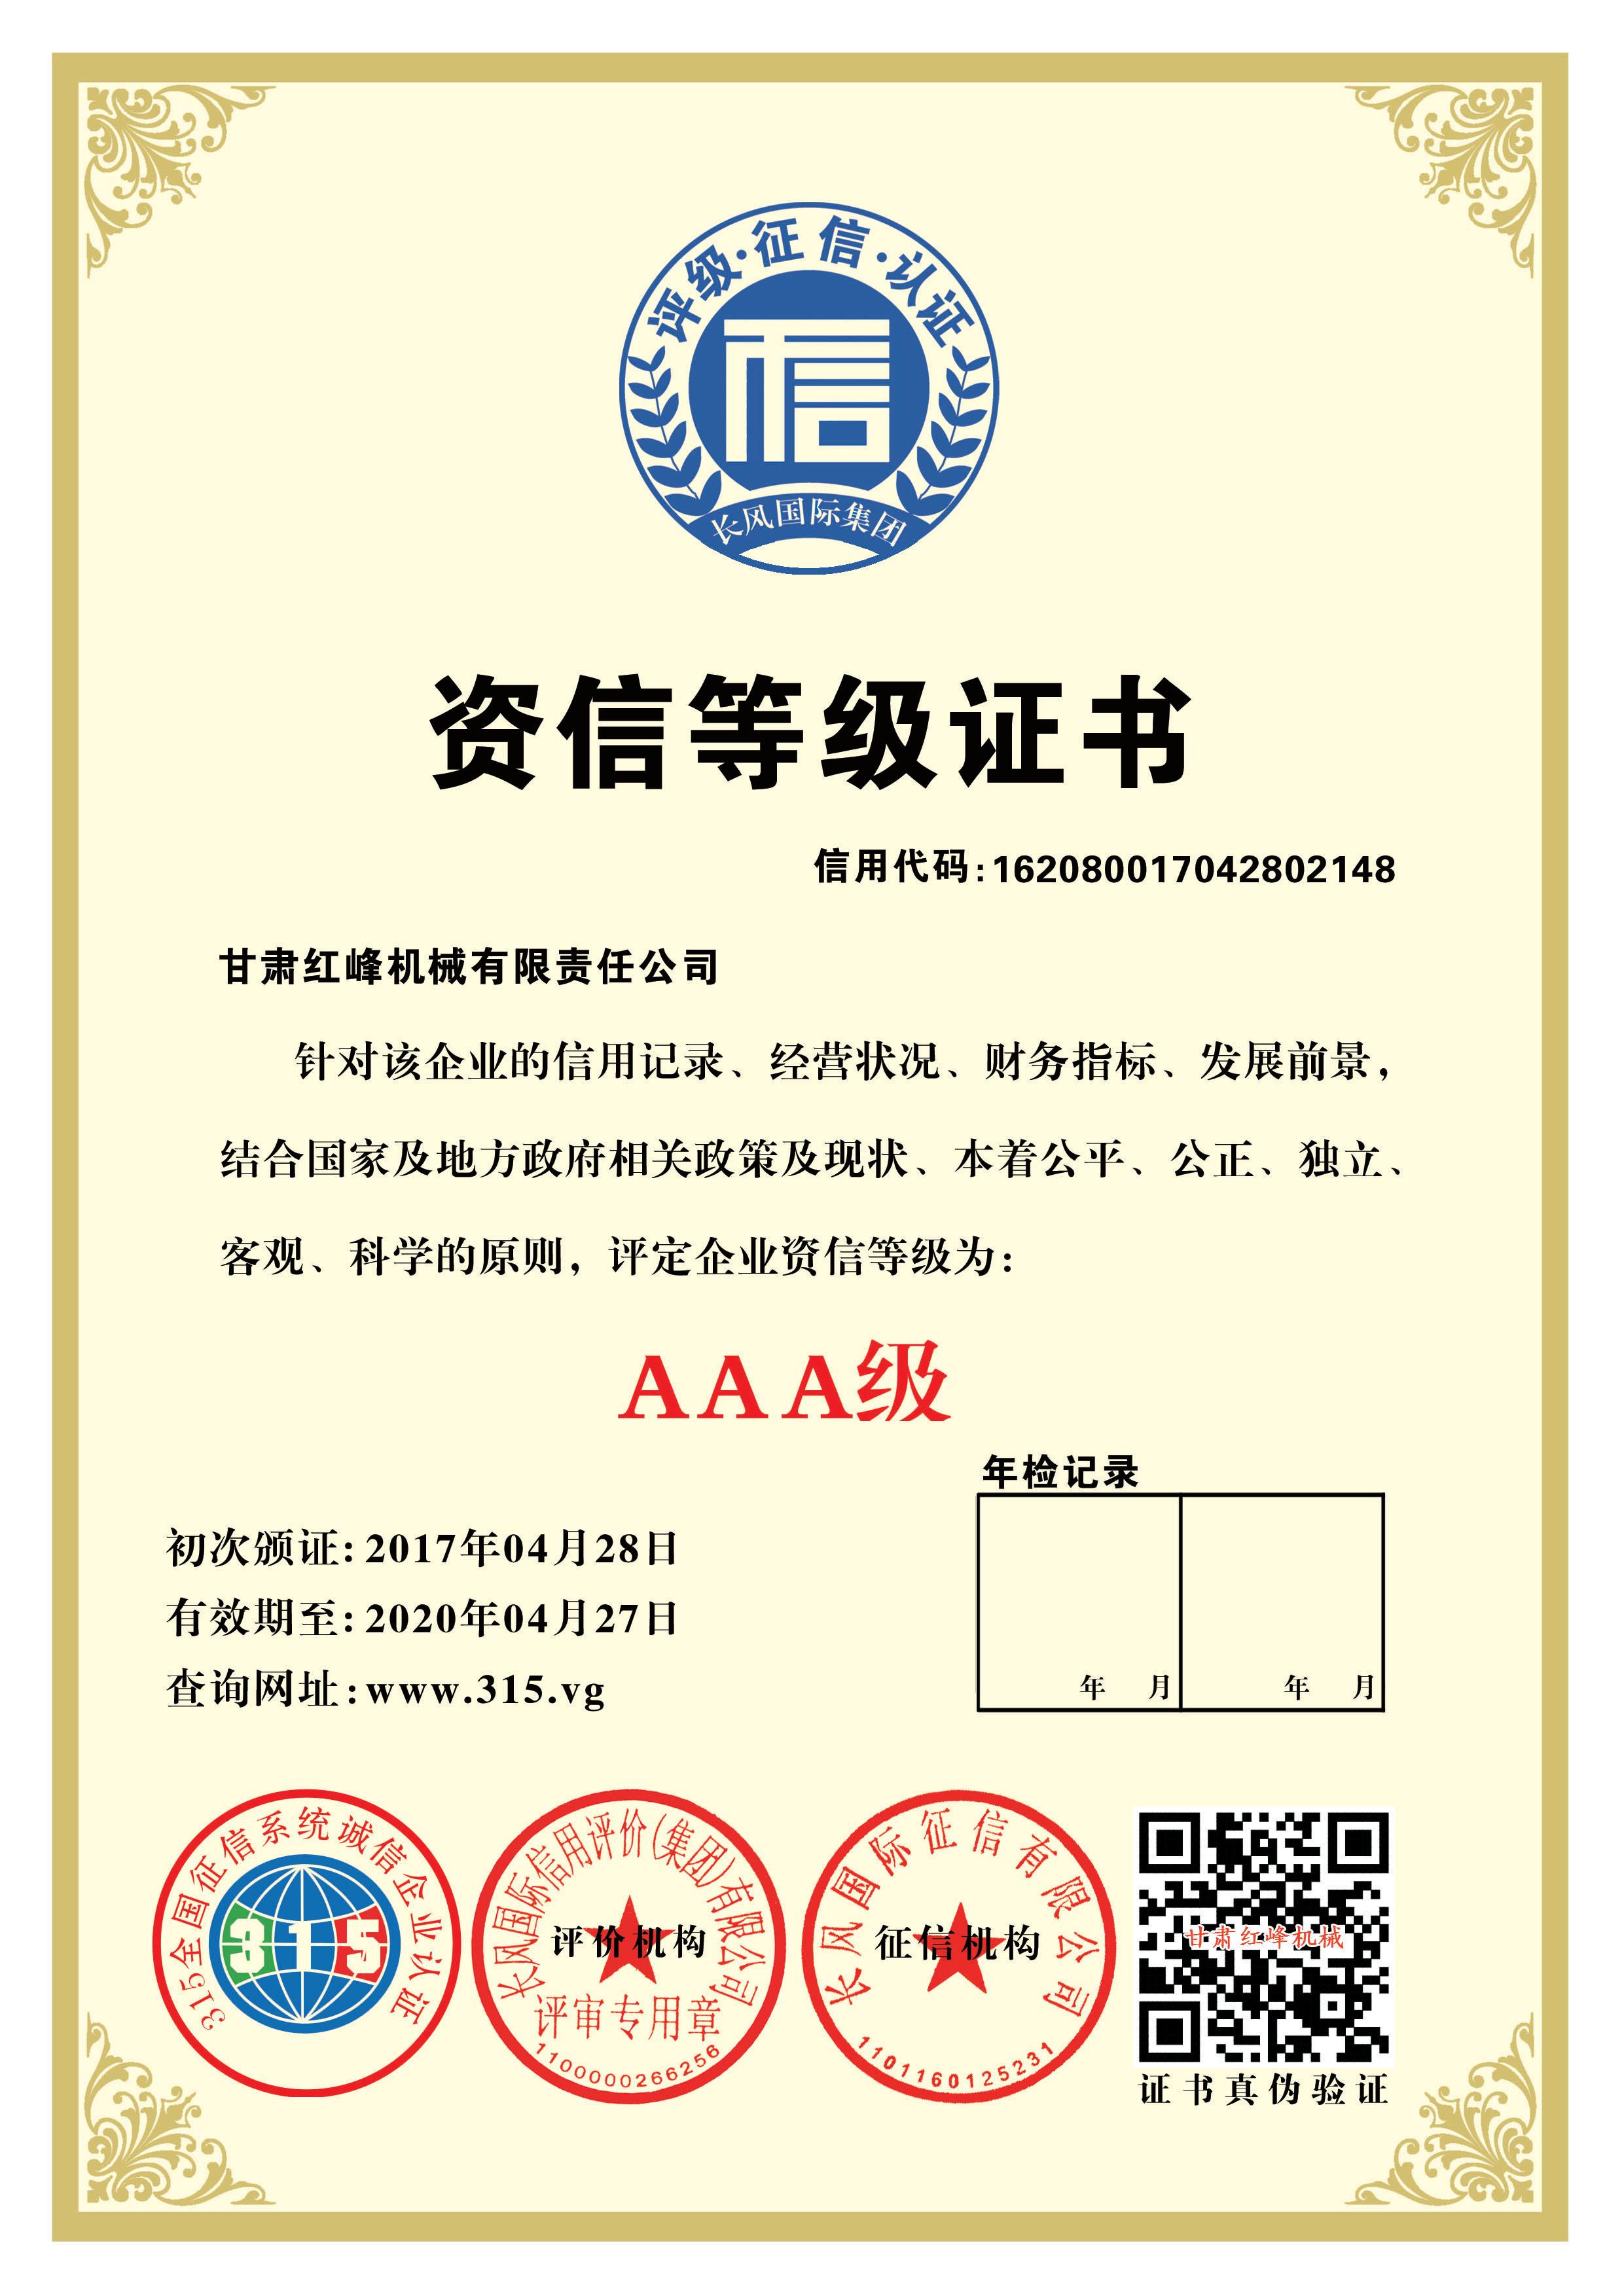 资信等级AAA证书